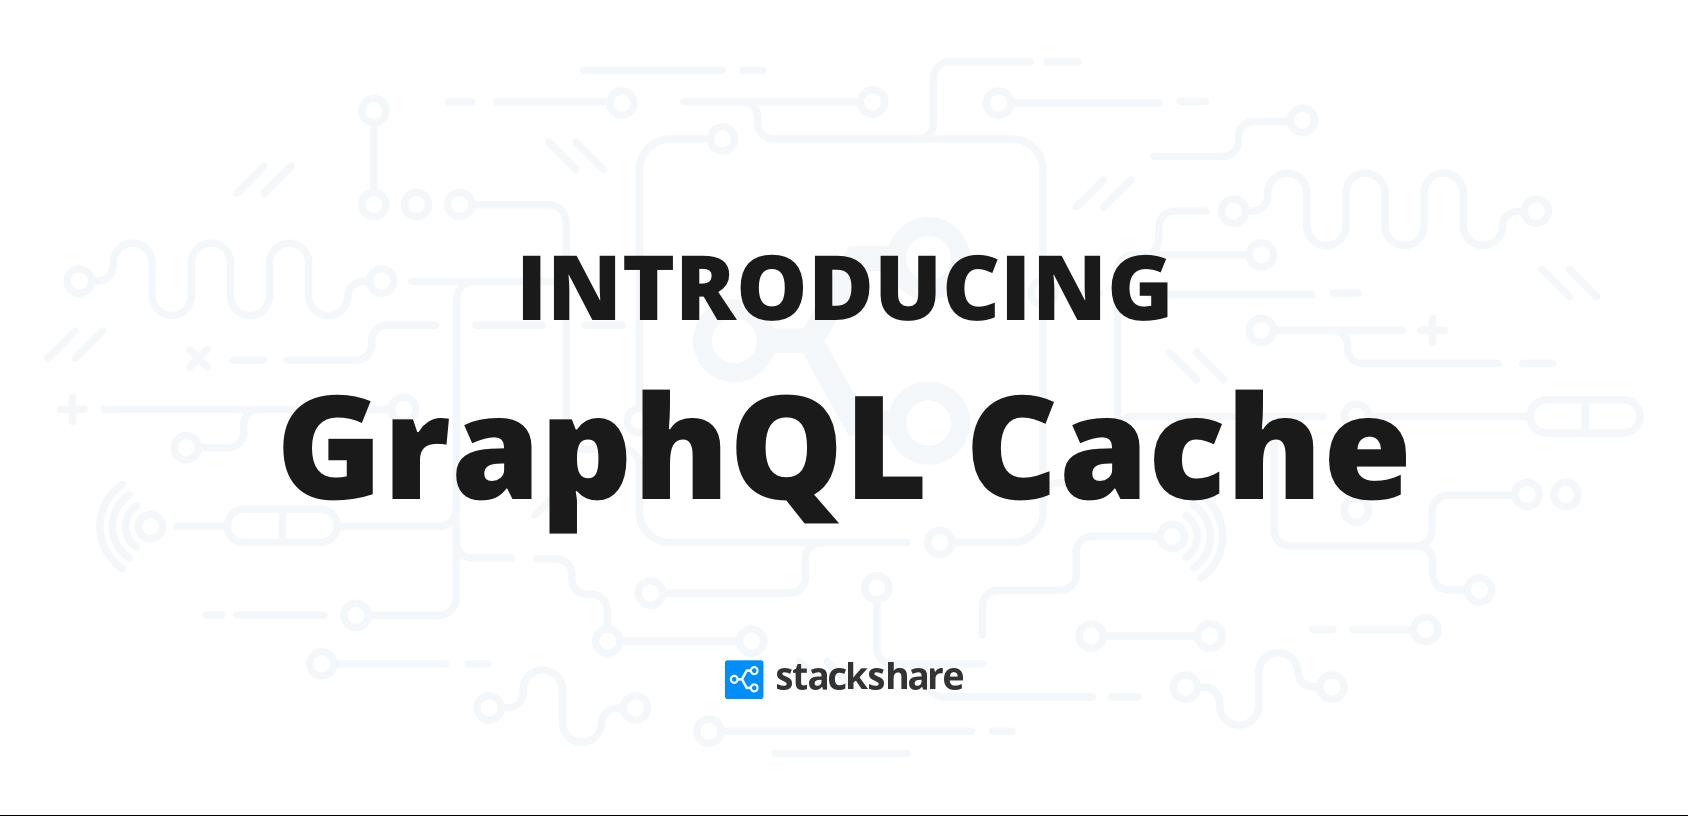 GraphQL Cache